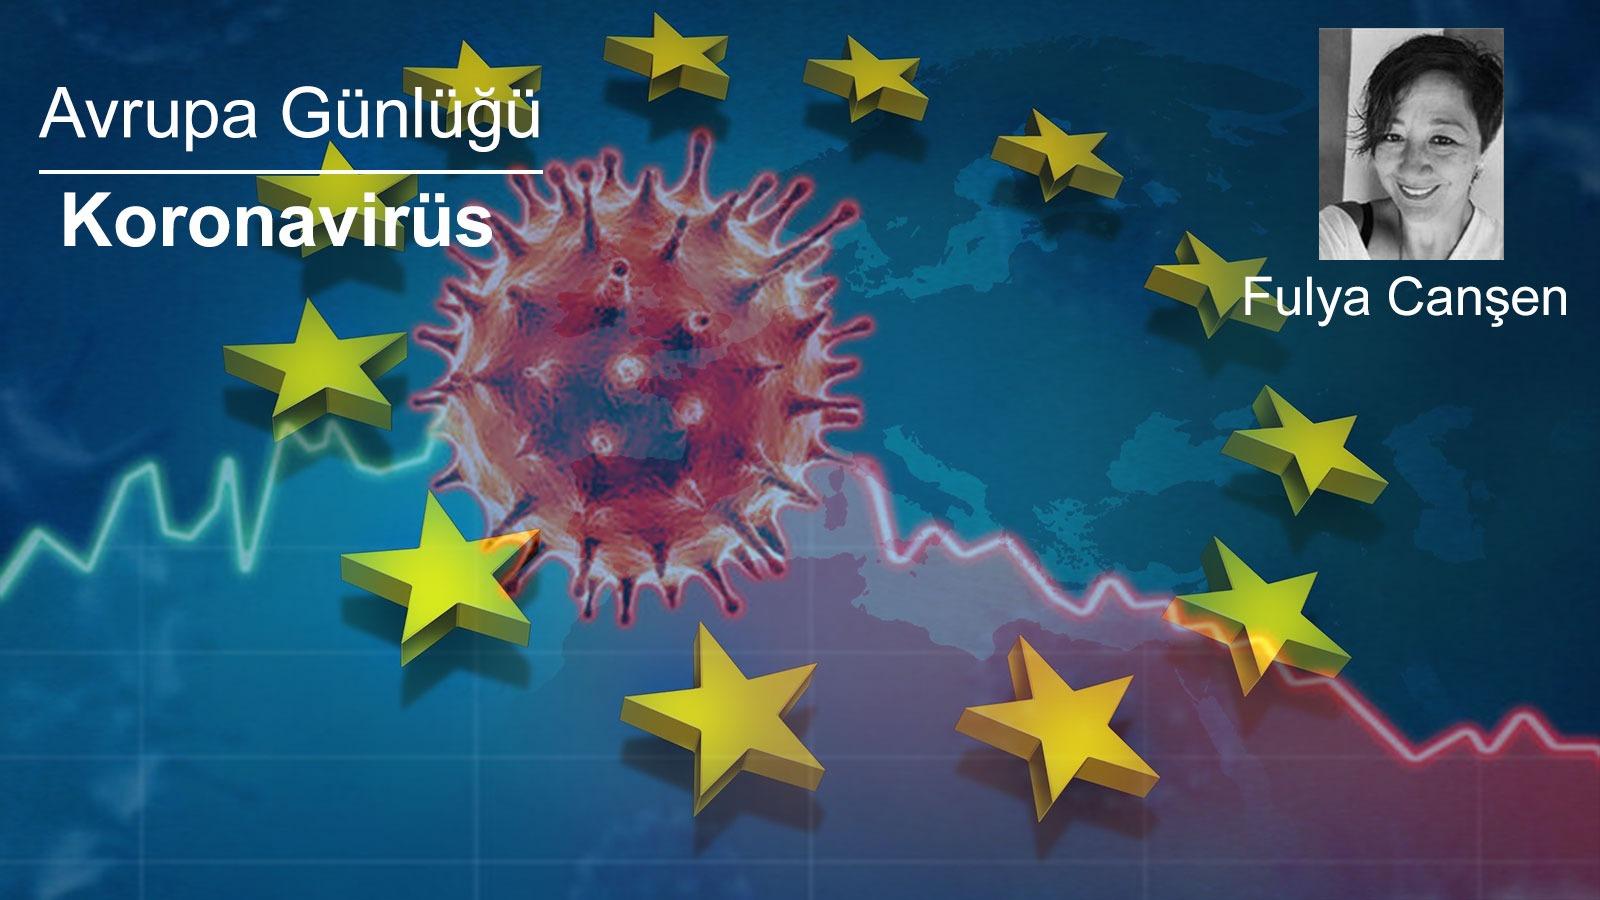 Koronavirüs aşıları bulundu ama güvenilirliği ne?